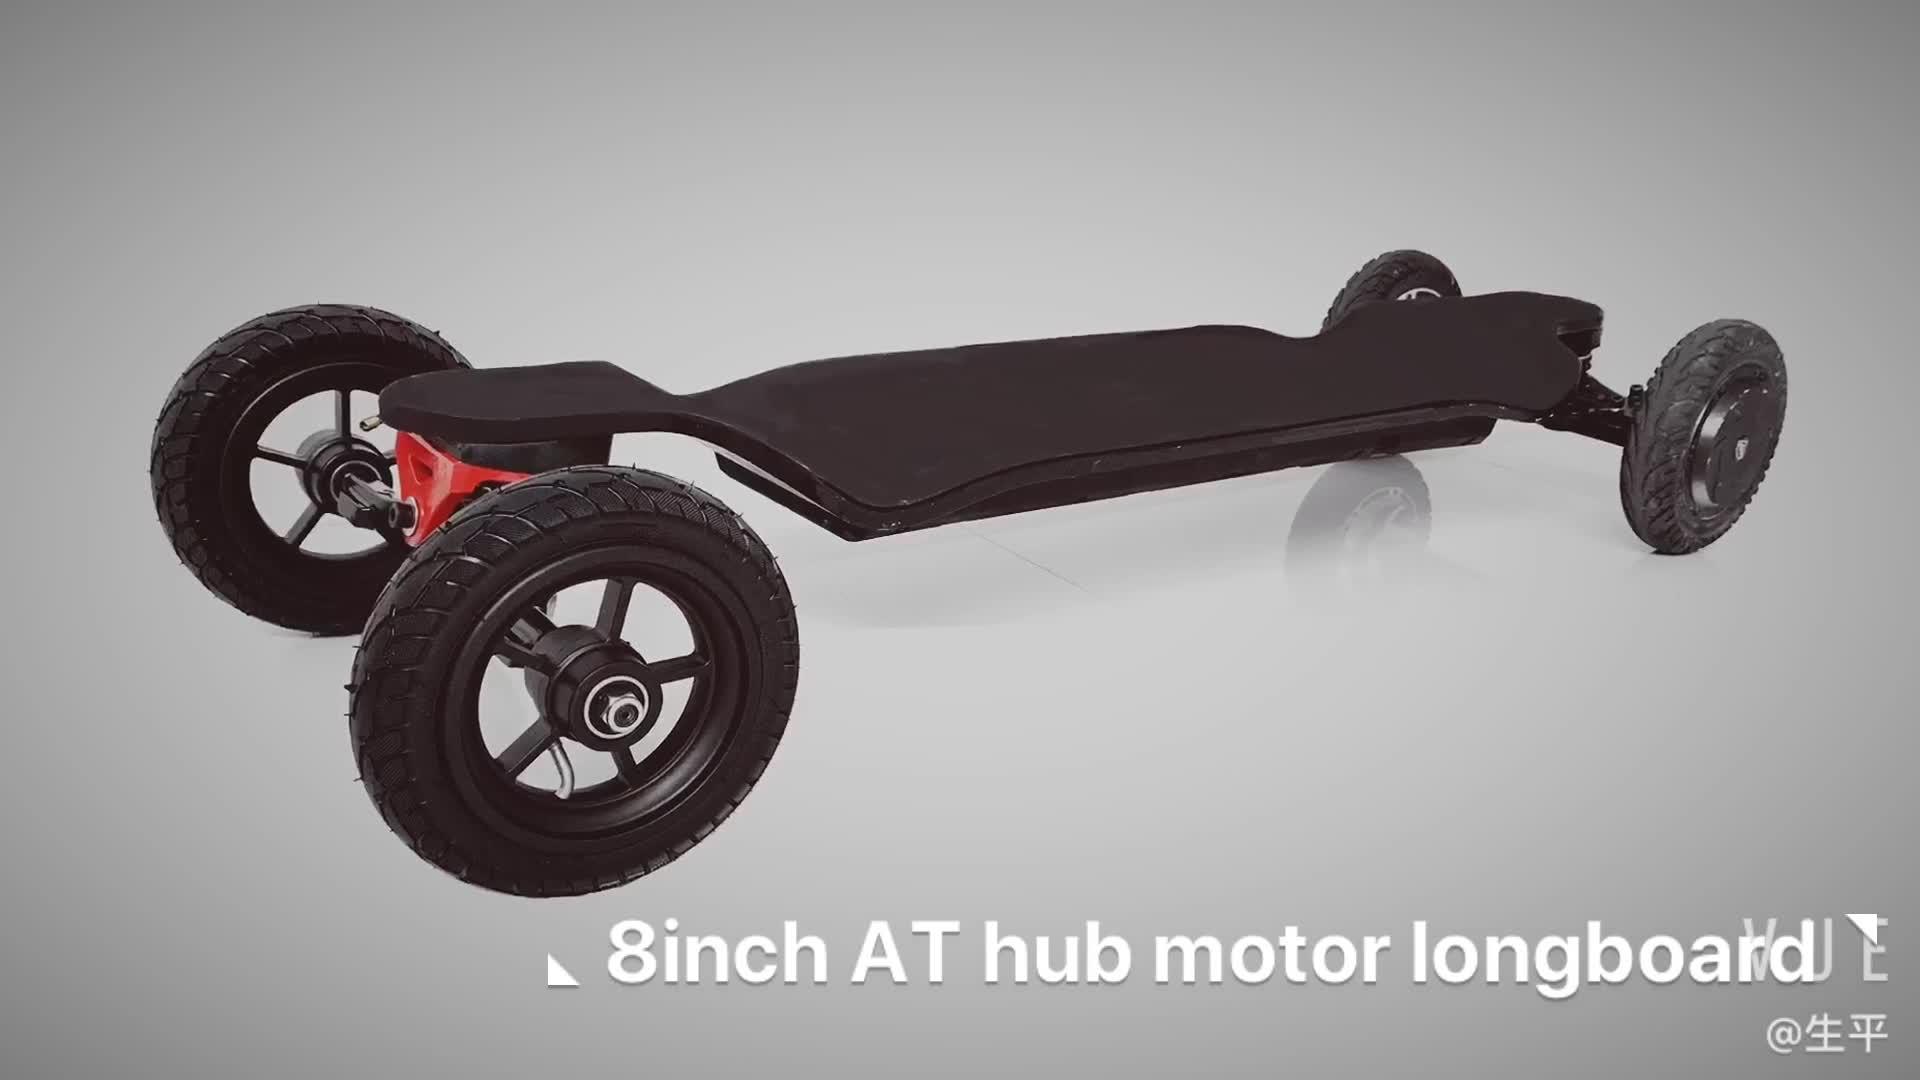 WINboard new arrival GTM CROSS 10S4P flexible battery 8 inch 1000w hub motorized  all terrain off road electric skateboard